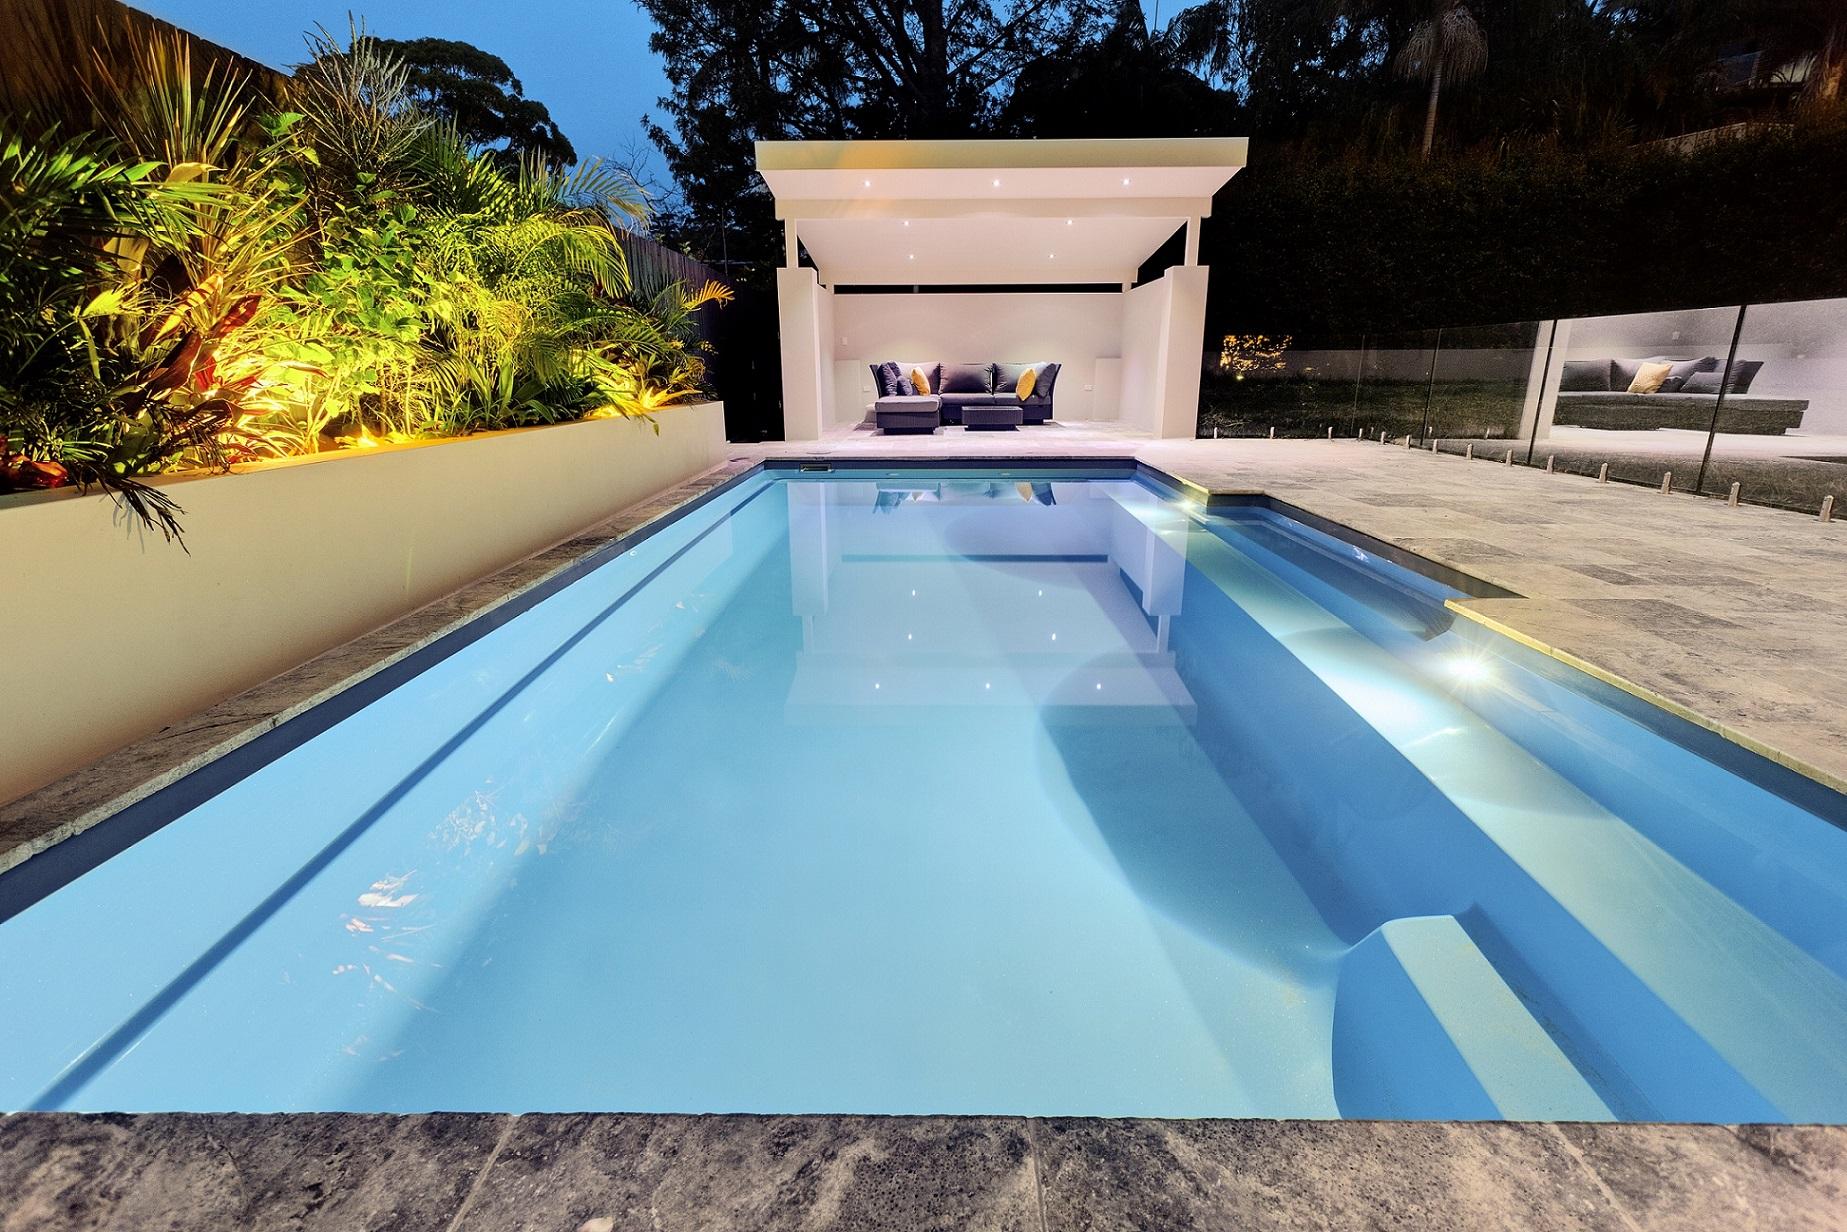 Symphony piscine creusée Narellan en fibre de verre - Cobalt bleu - Ladouceur